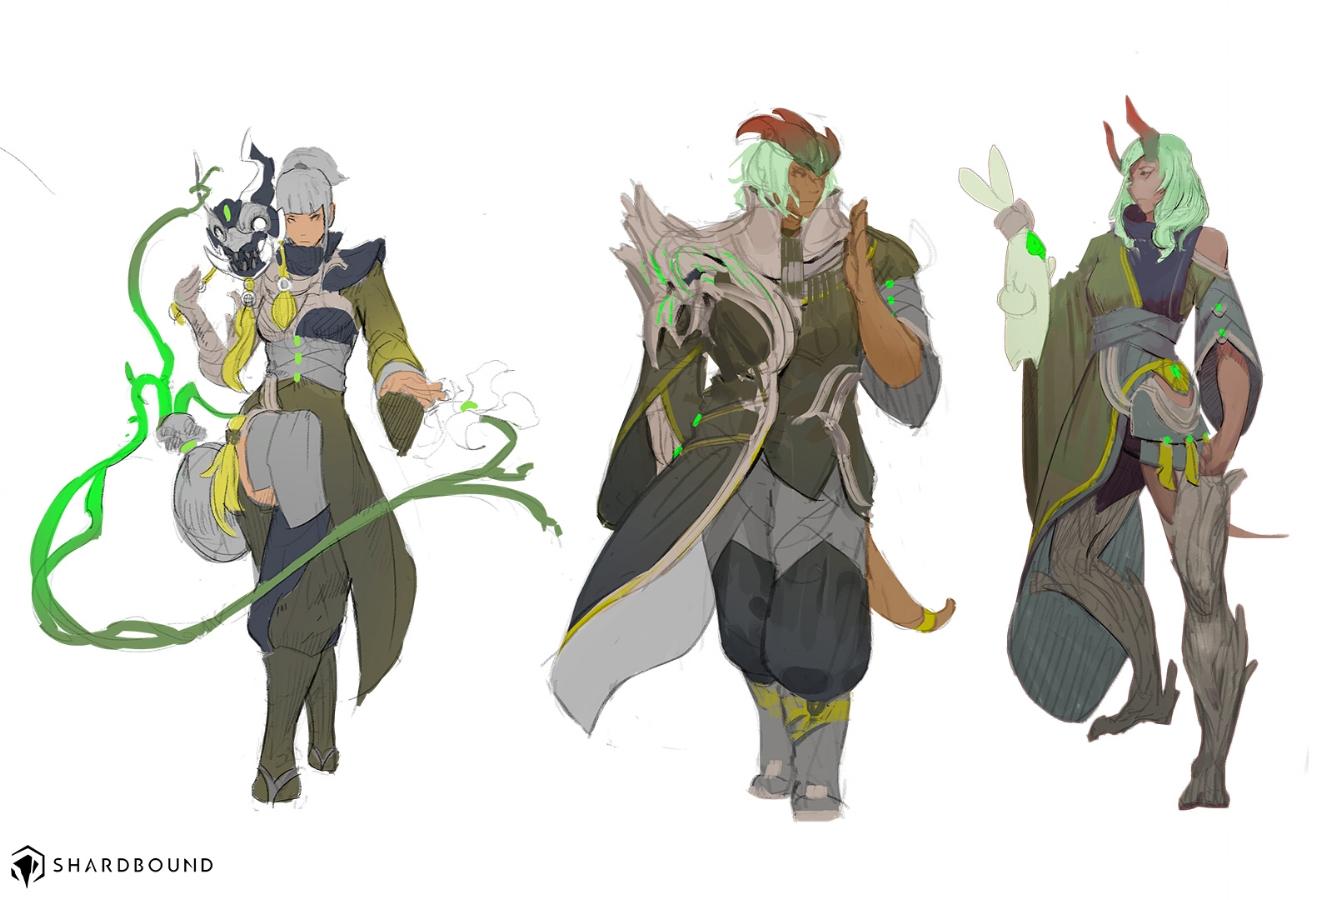 green_costume_detail.jpg